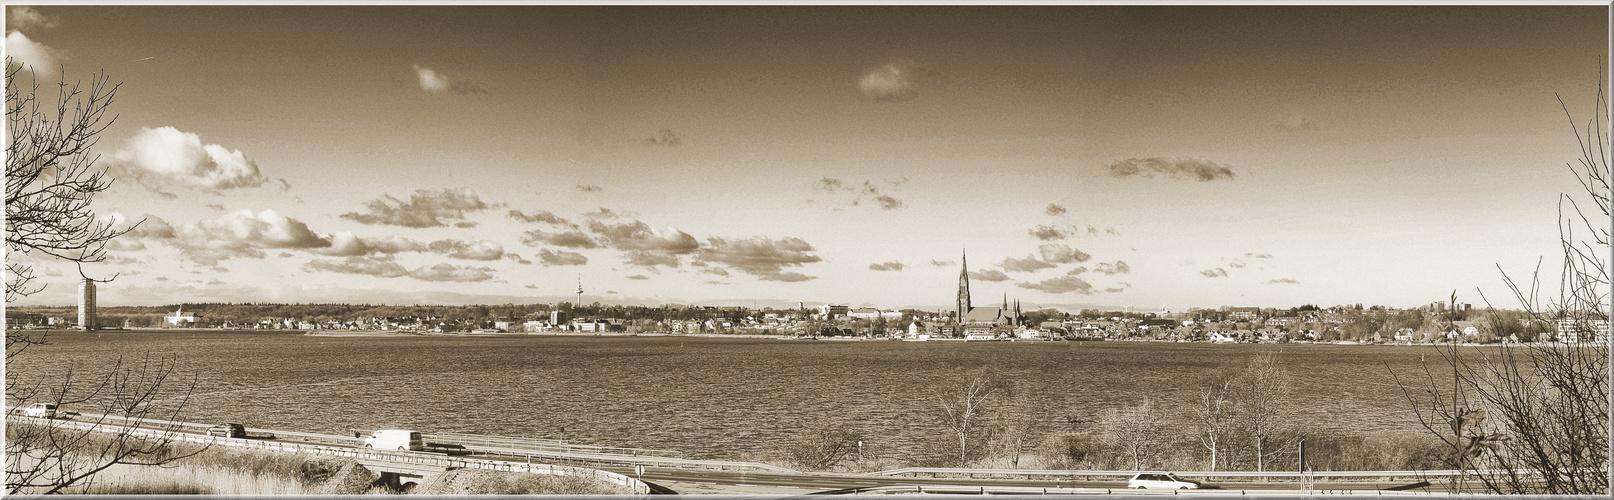 Schleswig ANNO 2013